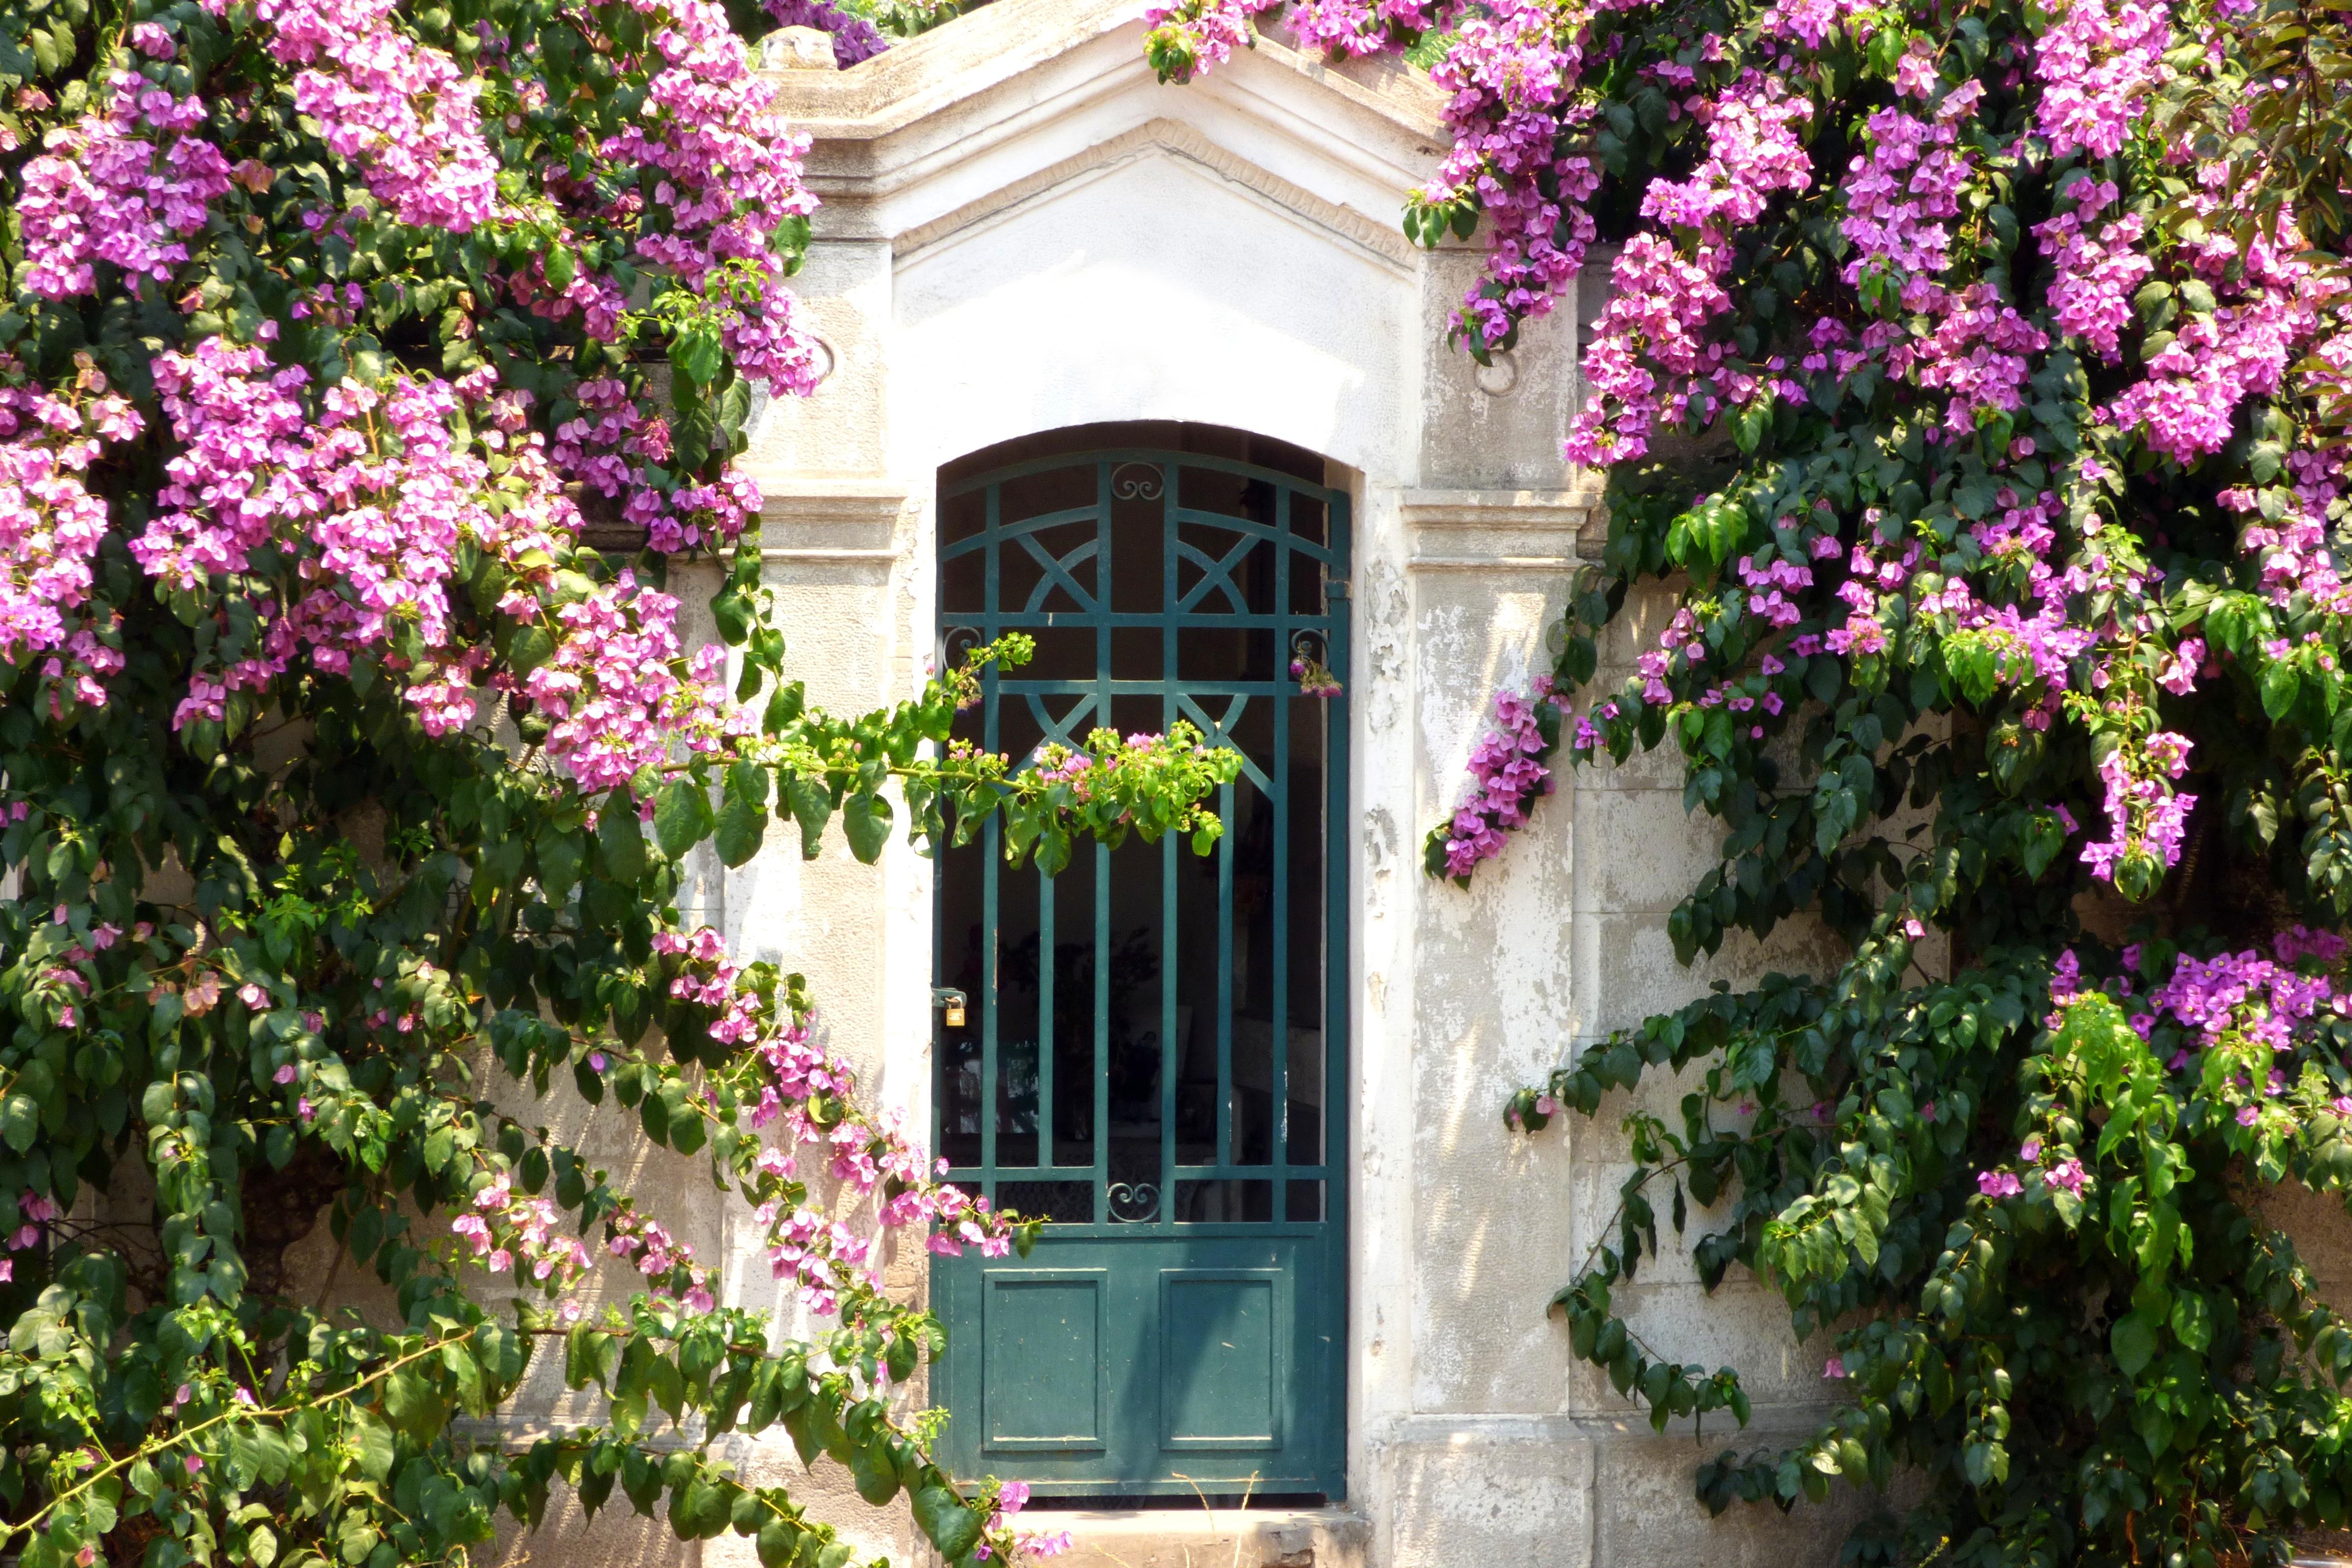 Gambar mekar menanam rumah bunga gambar mekar menanam Home mekar